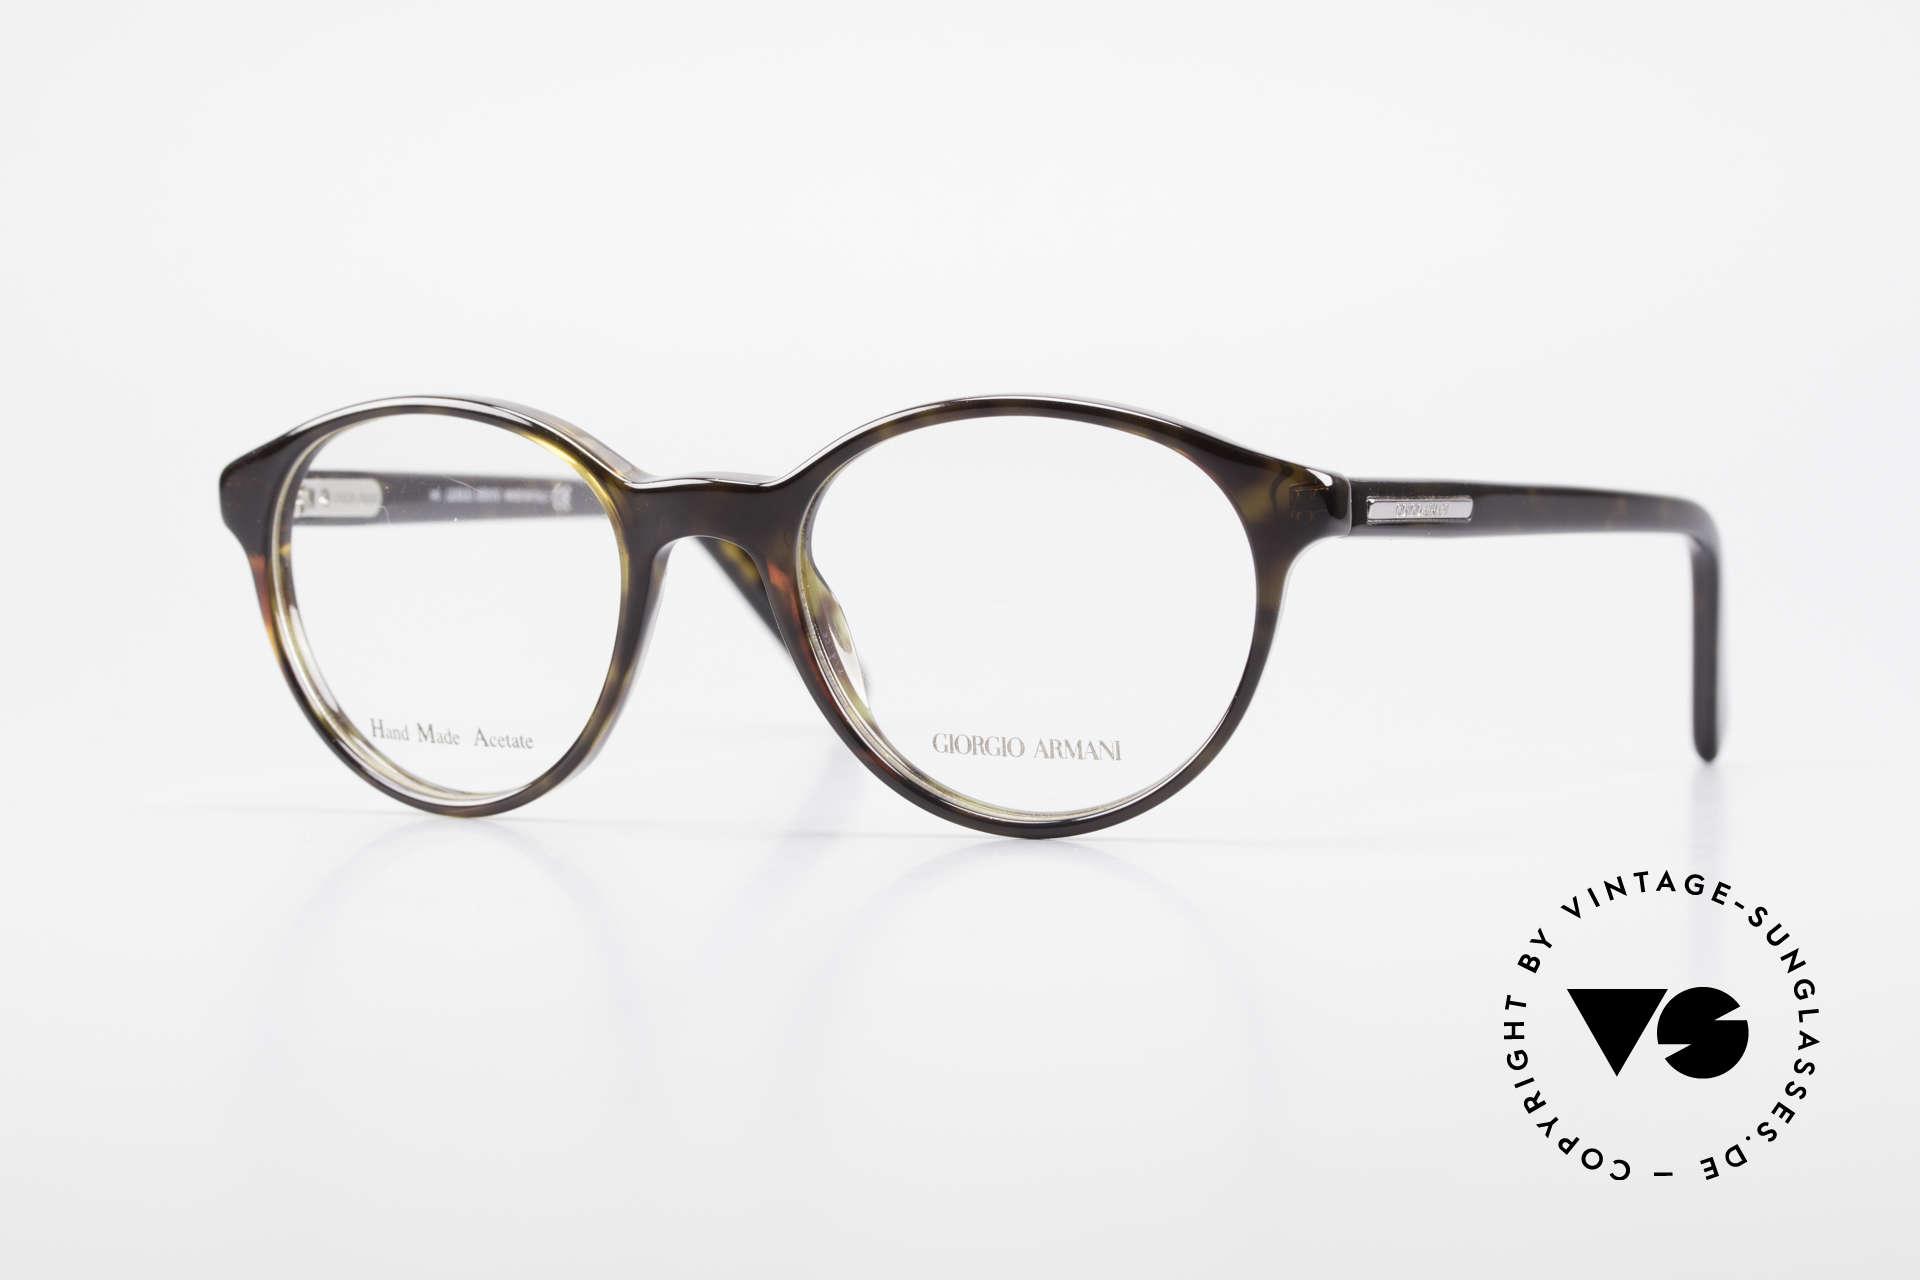 Giorgio Armani 467 Unisex Panto Eyeglass-Frame, true vintage eyeglass-frame by GIORGIO ARMANI, Made for Men and Women